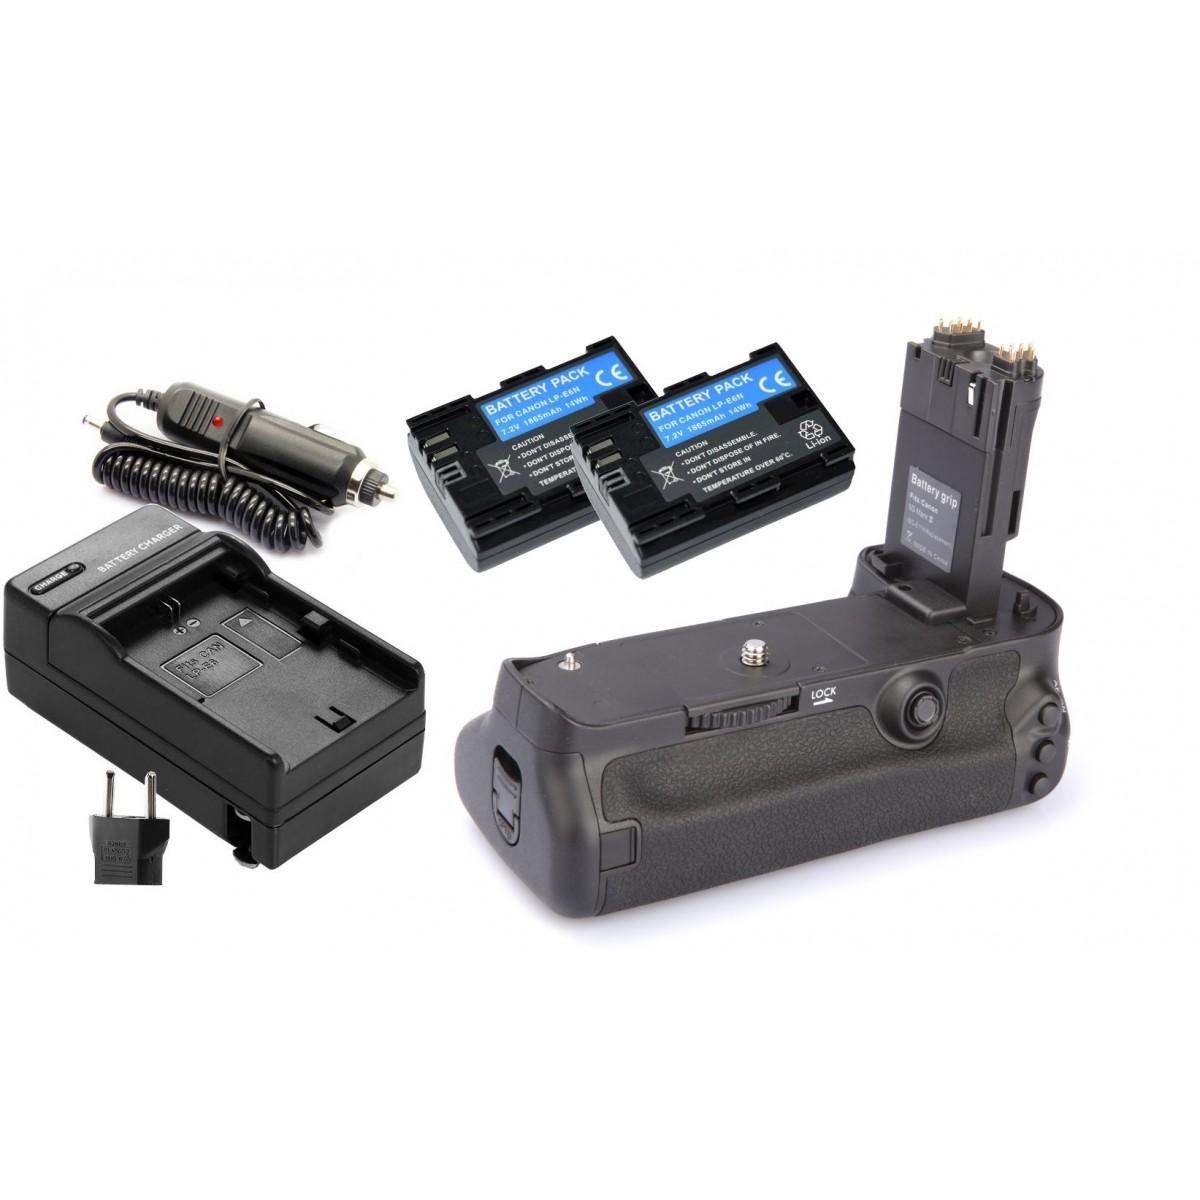 Kit Battery Grip BG-E11 para Canon EOS 5D Mark III + 2 Baterias LP-E6 + 1 Carregador